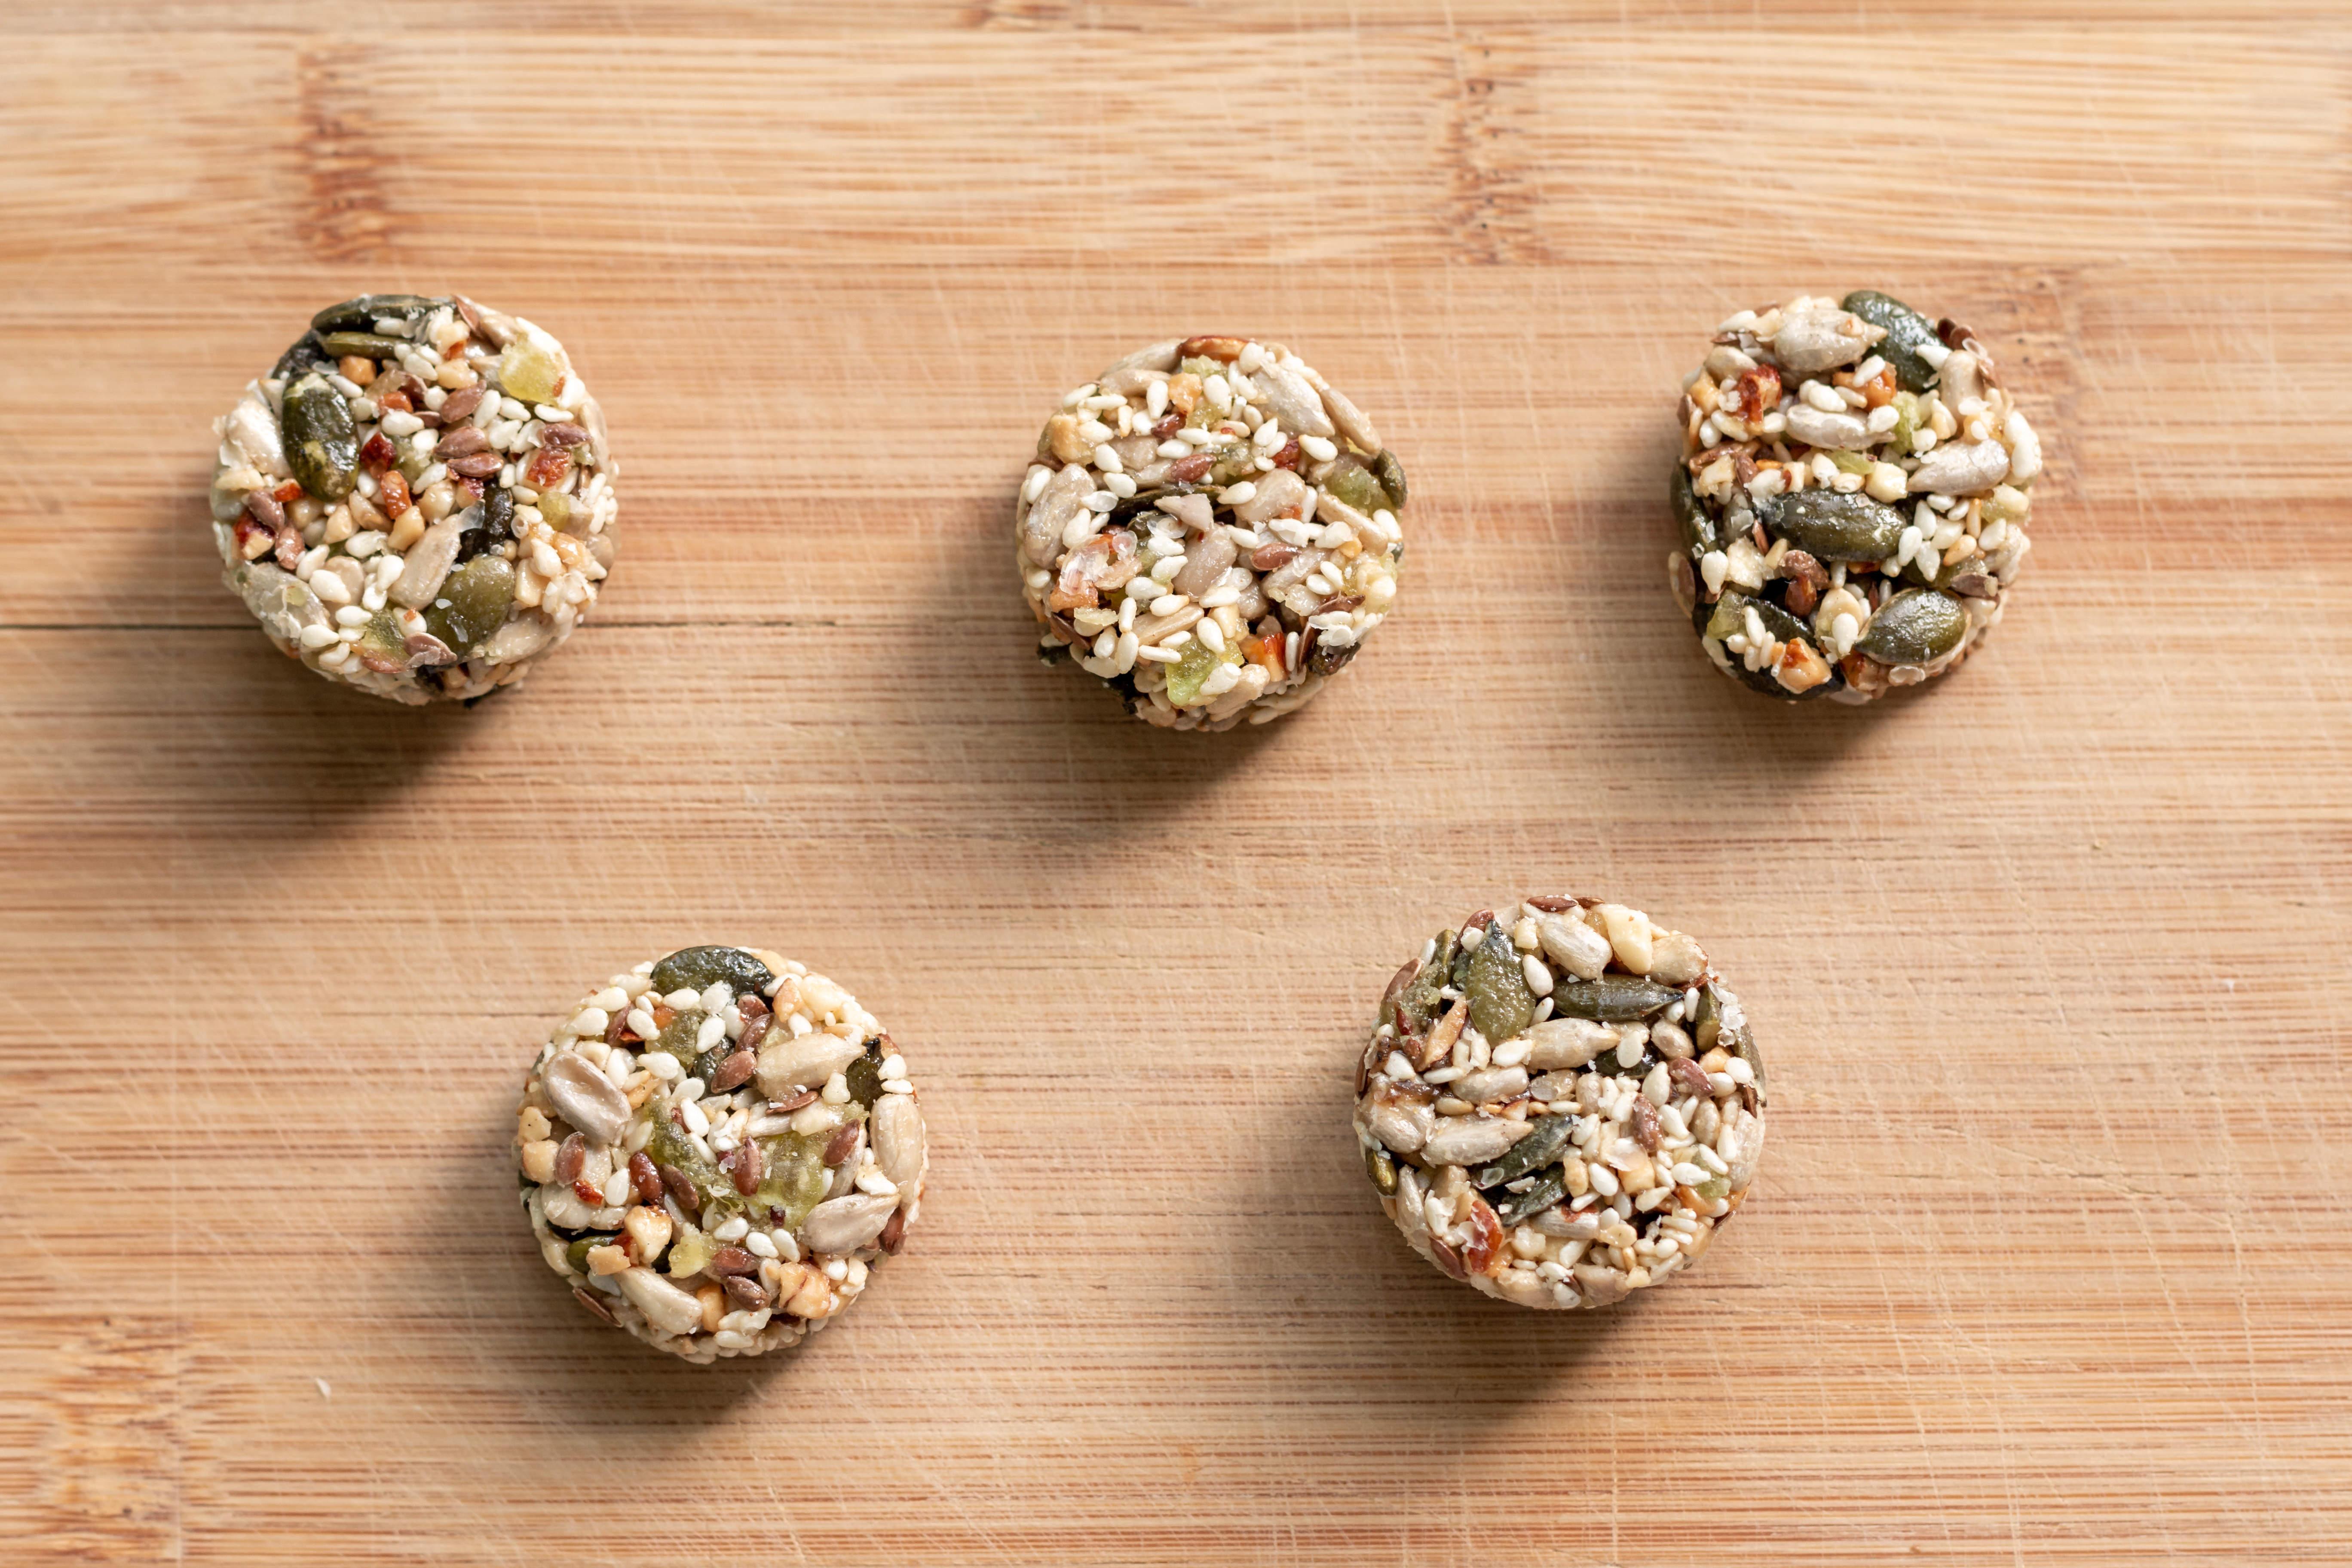 Blog La Foir'Fouille - DIY - Fabriquer des boules de graisse pour les oiseaux du jardin